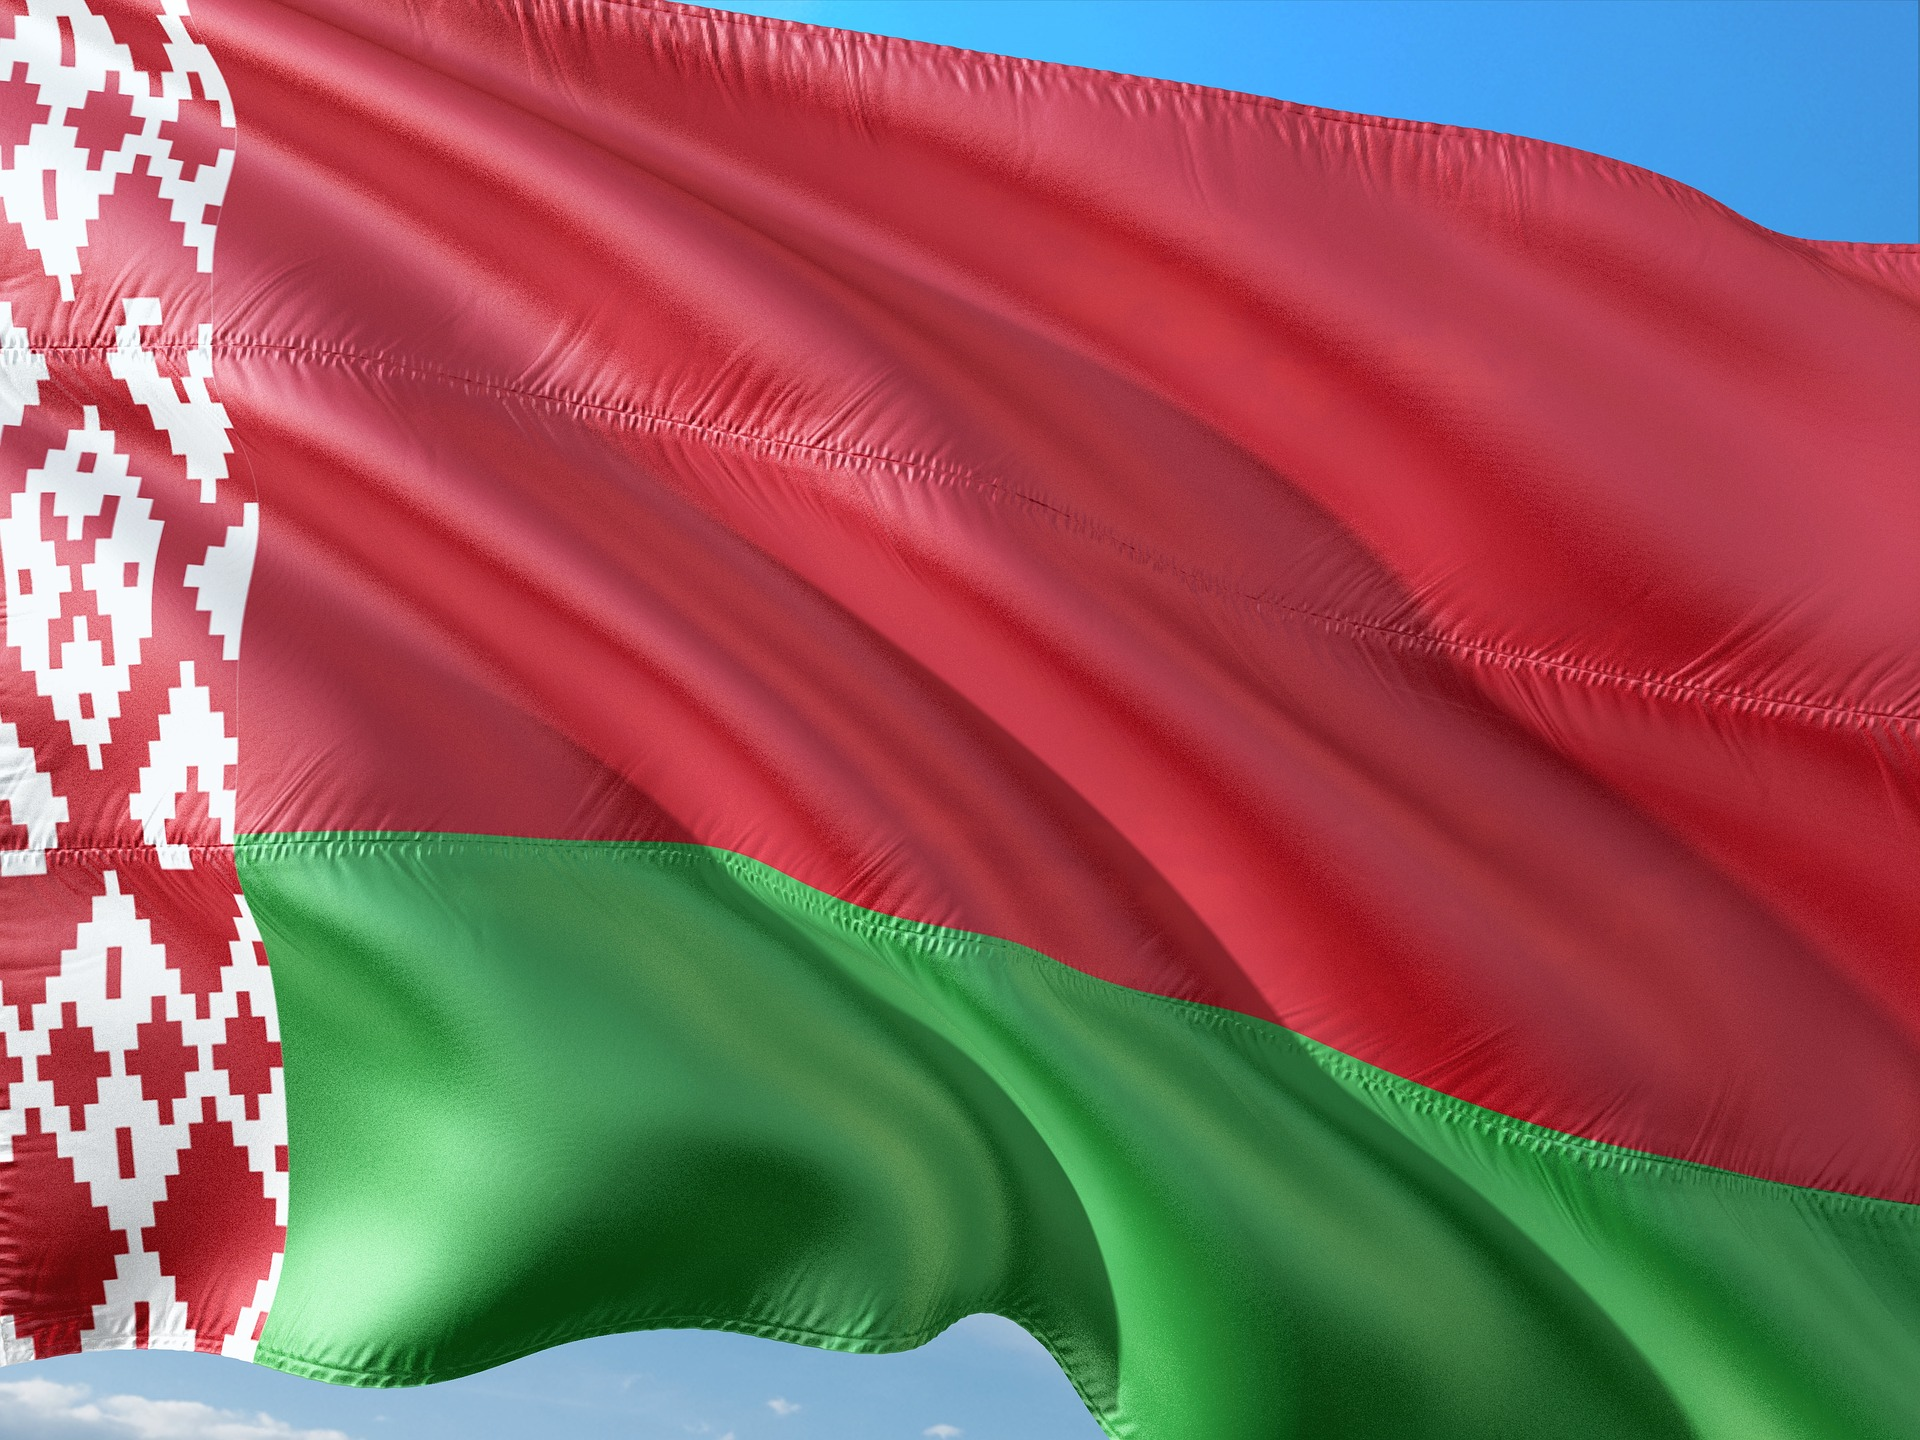 В Беларуси казнили мужчину за убийство двух девушек